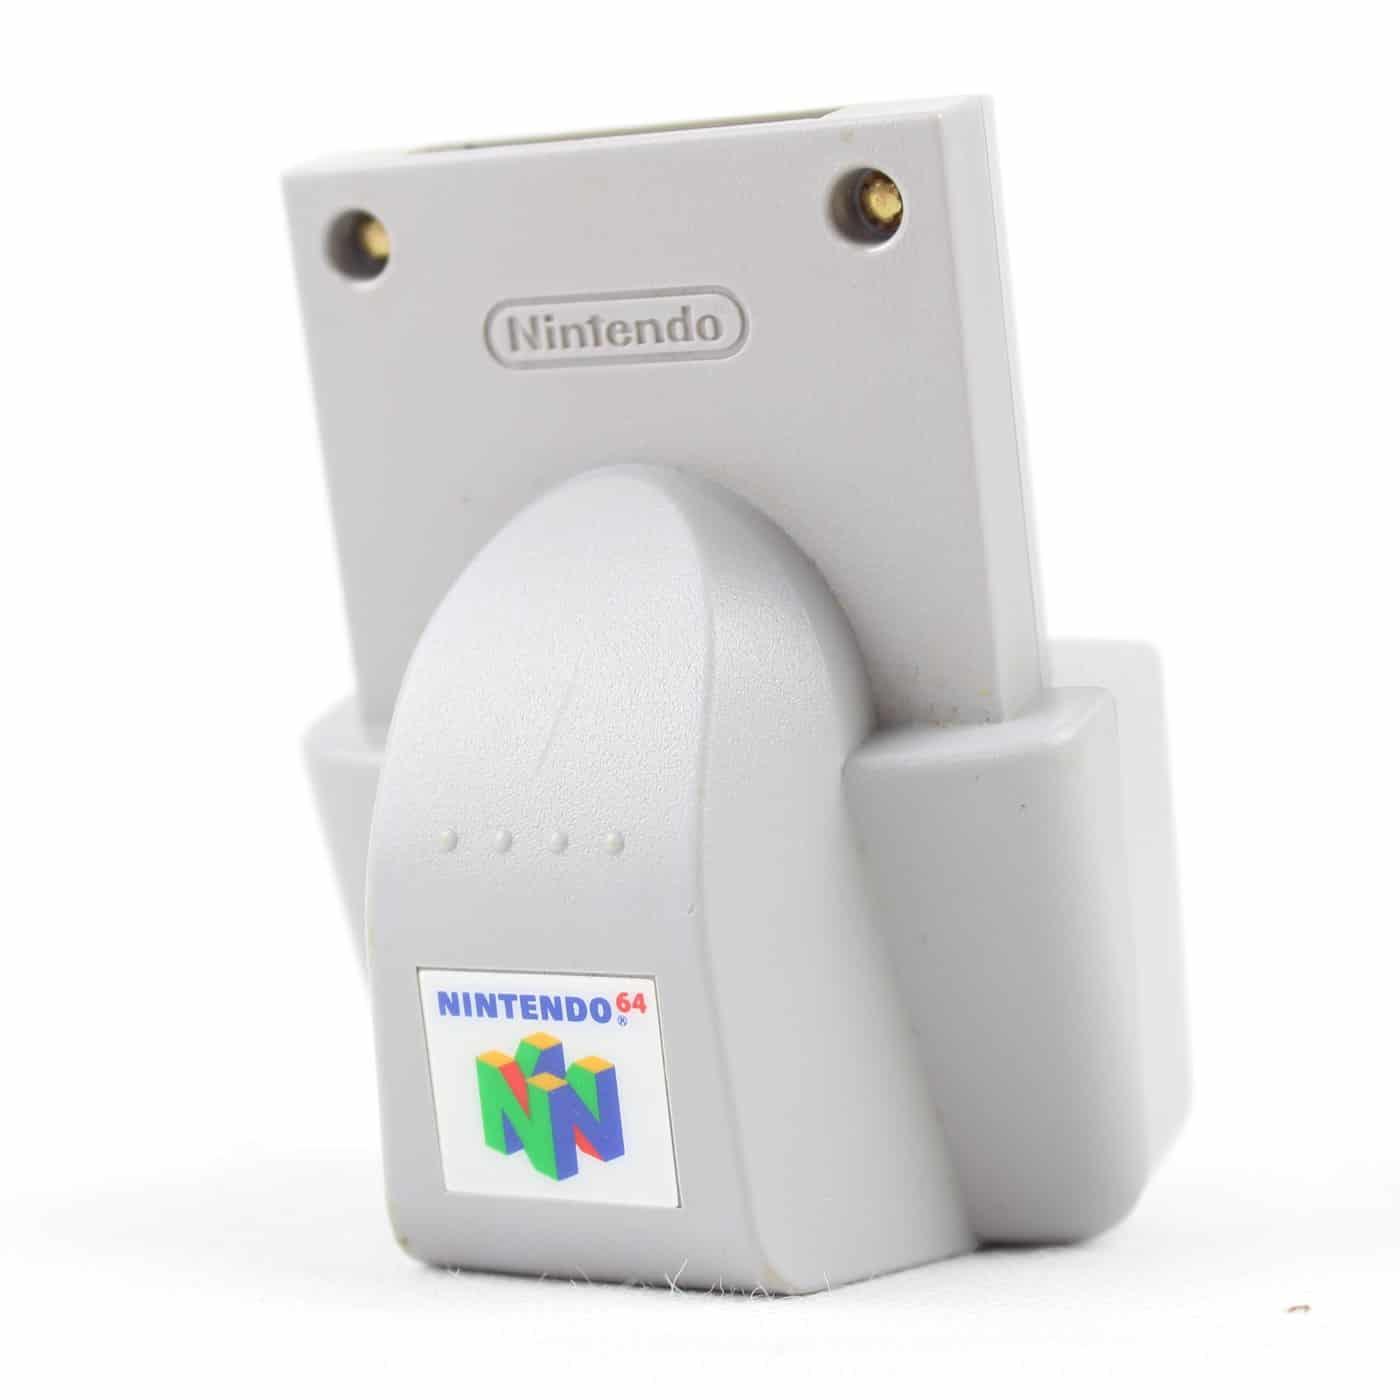 Nintendo 64 Rumble Pak